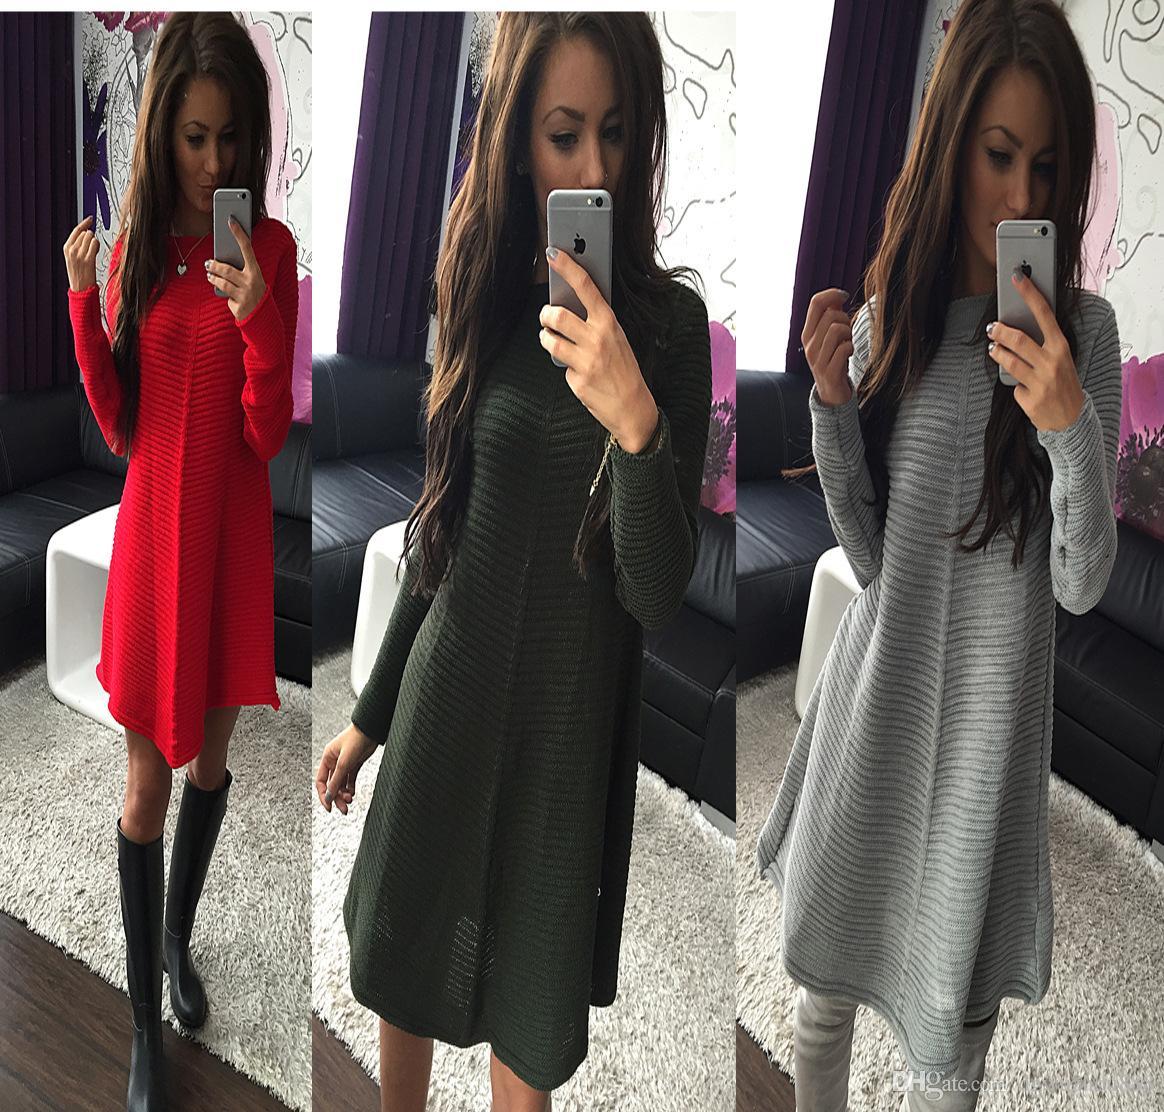 Compre Mujeres Calientes Vestidos De Material De Suéter A Rayas Horizontales Vestido De Manga Larga Ropa De Mujer De Estilo Europeo Y Americano St1016